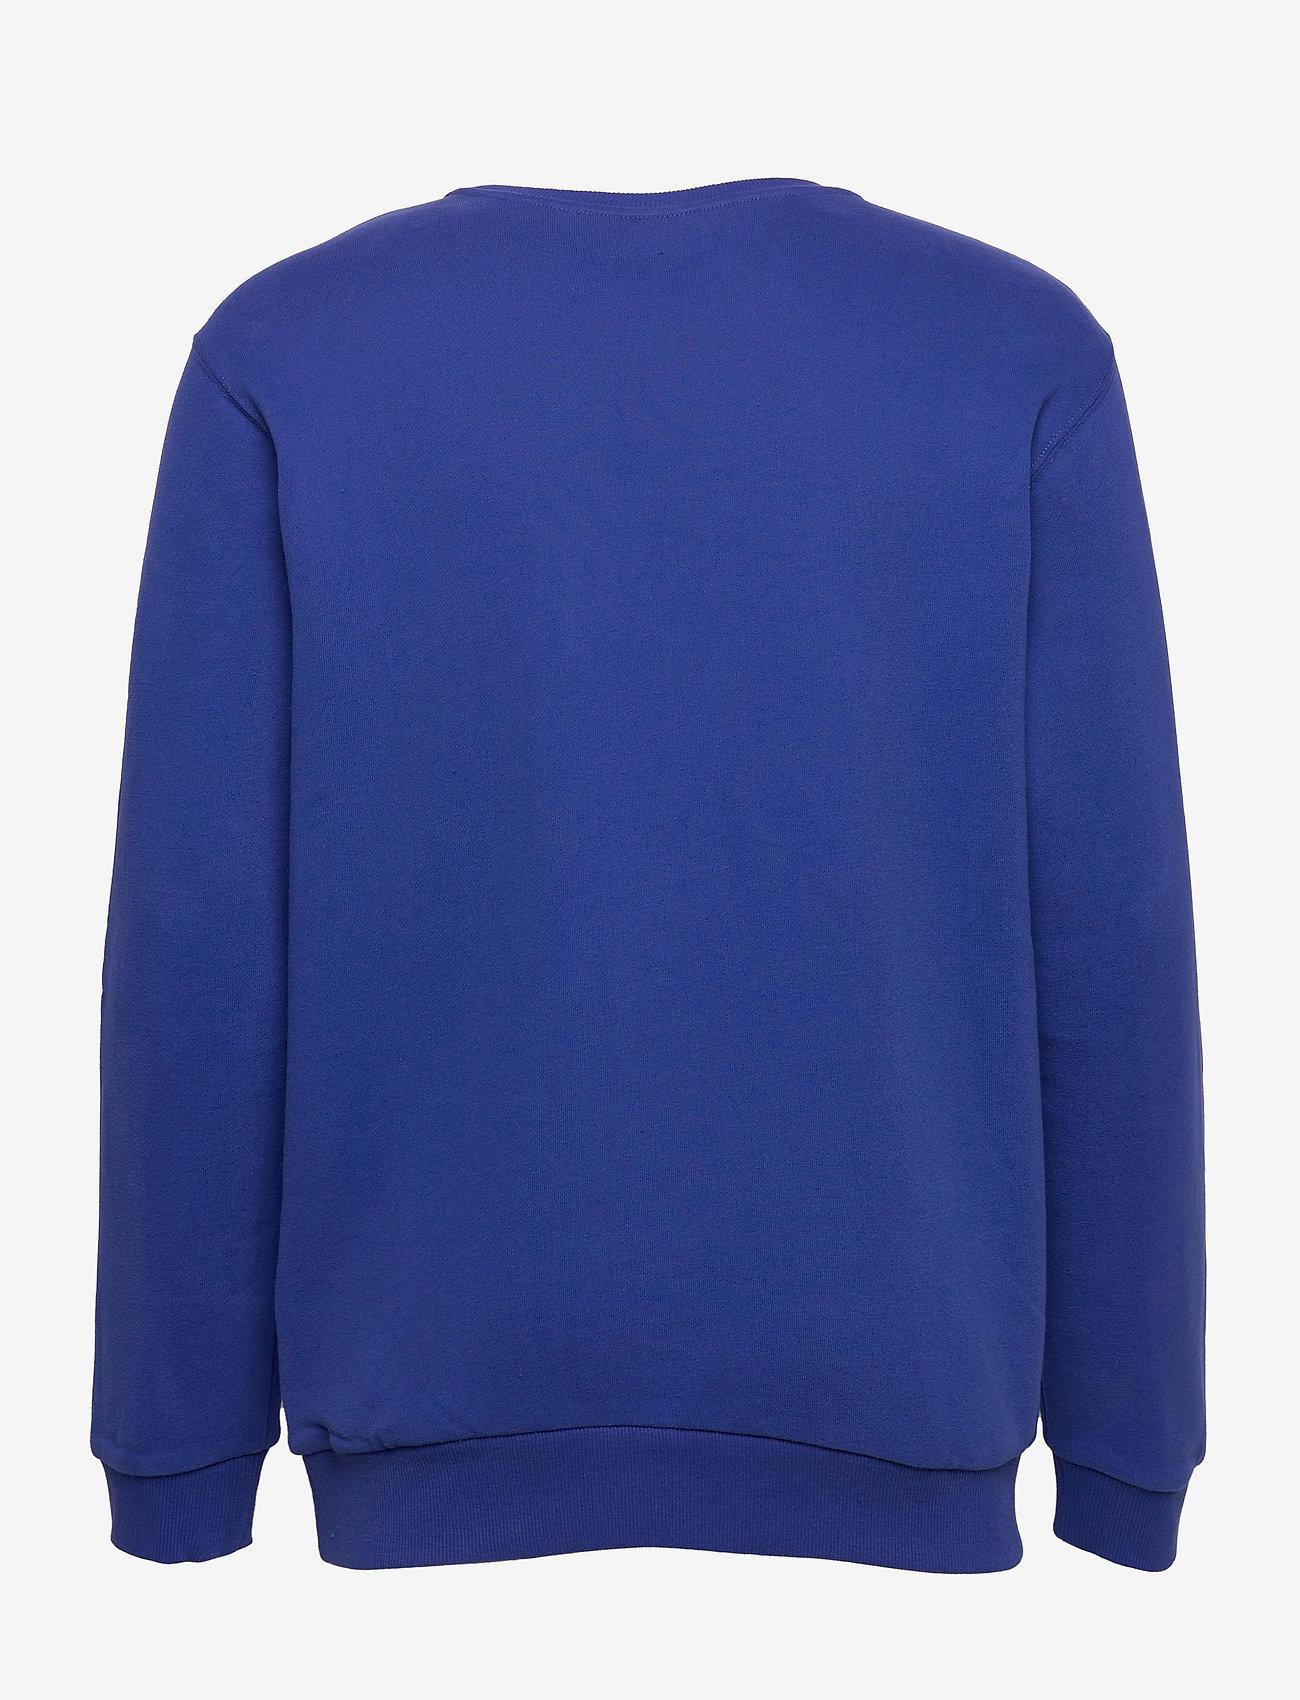 Ellesse EL DIVERIA SWEATSHIRT - Sweatshirts BLUE - Menn Klær